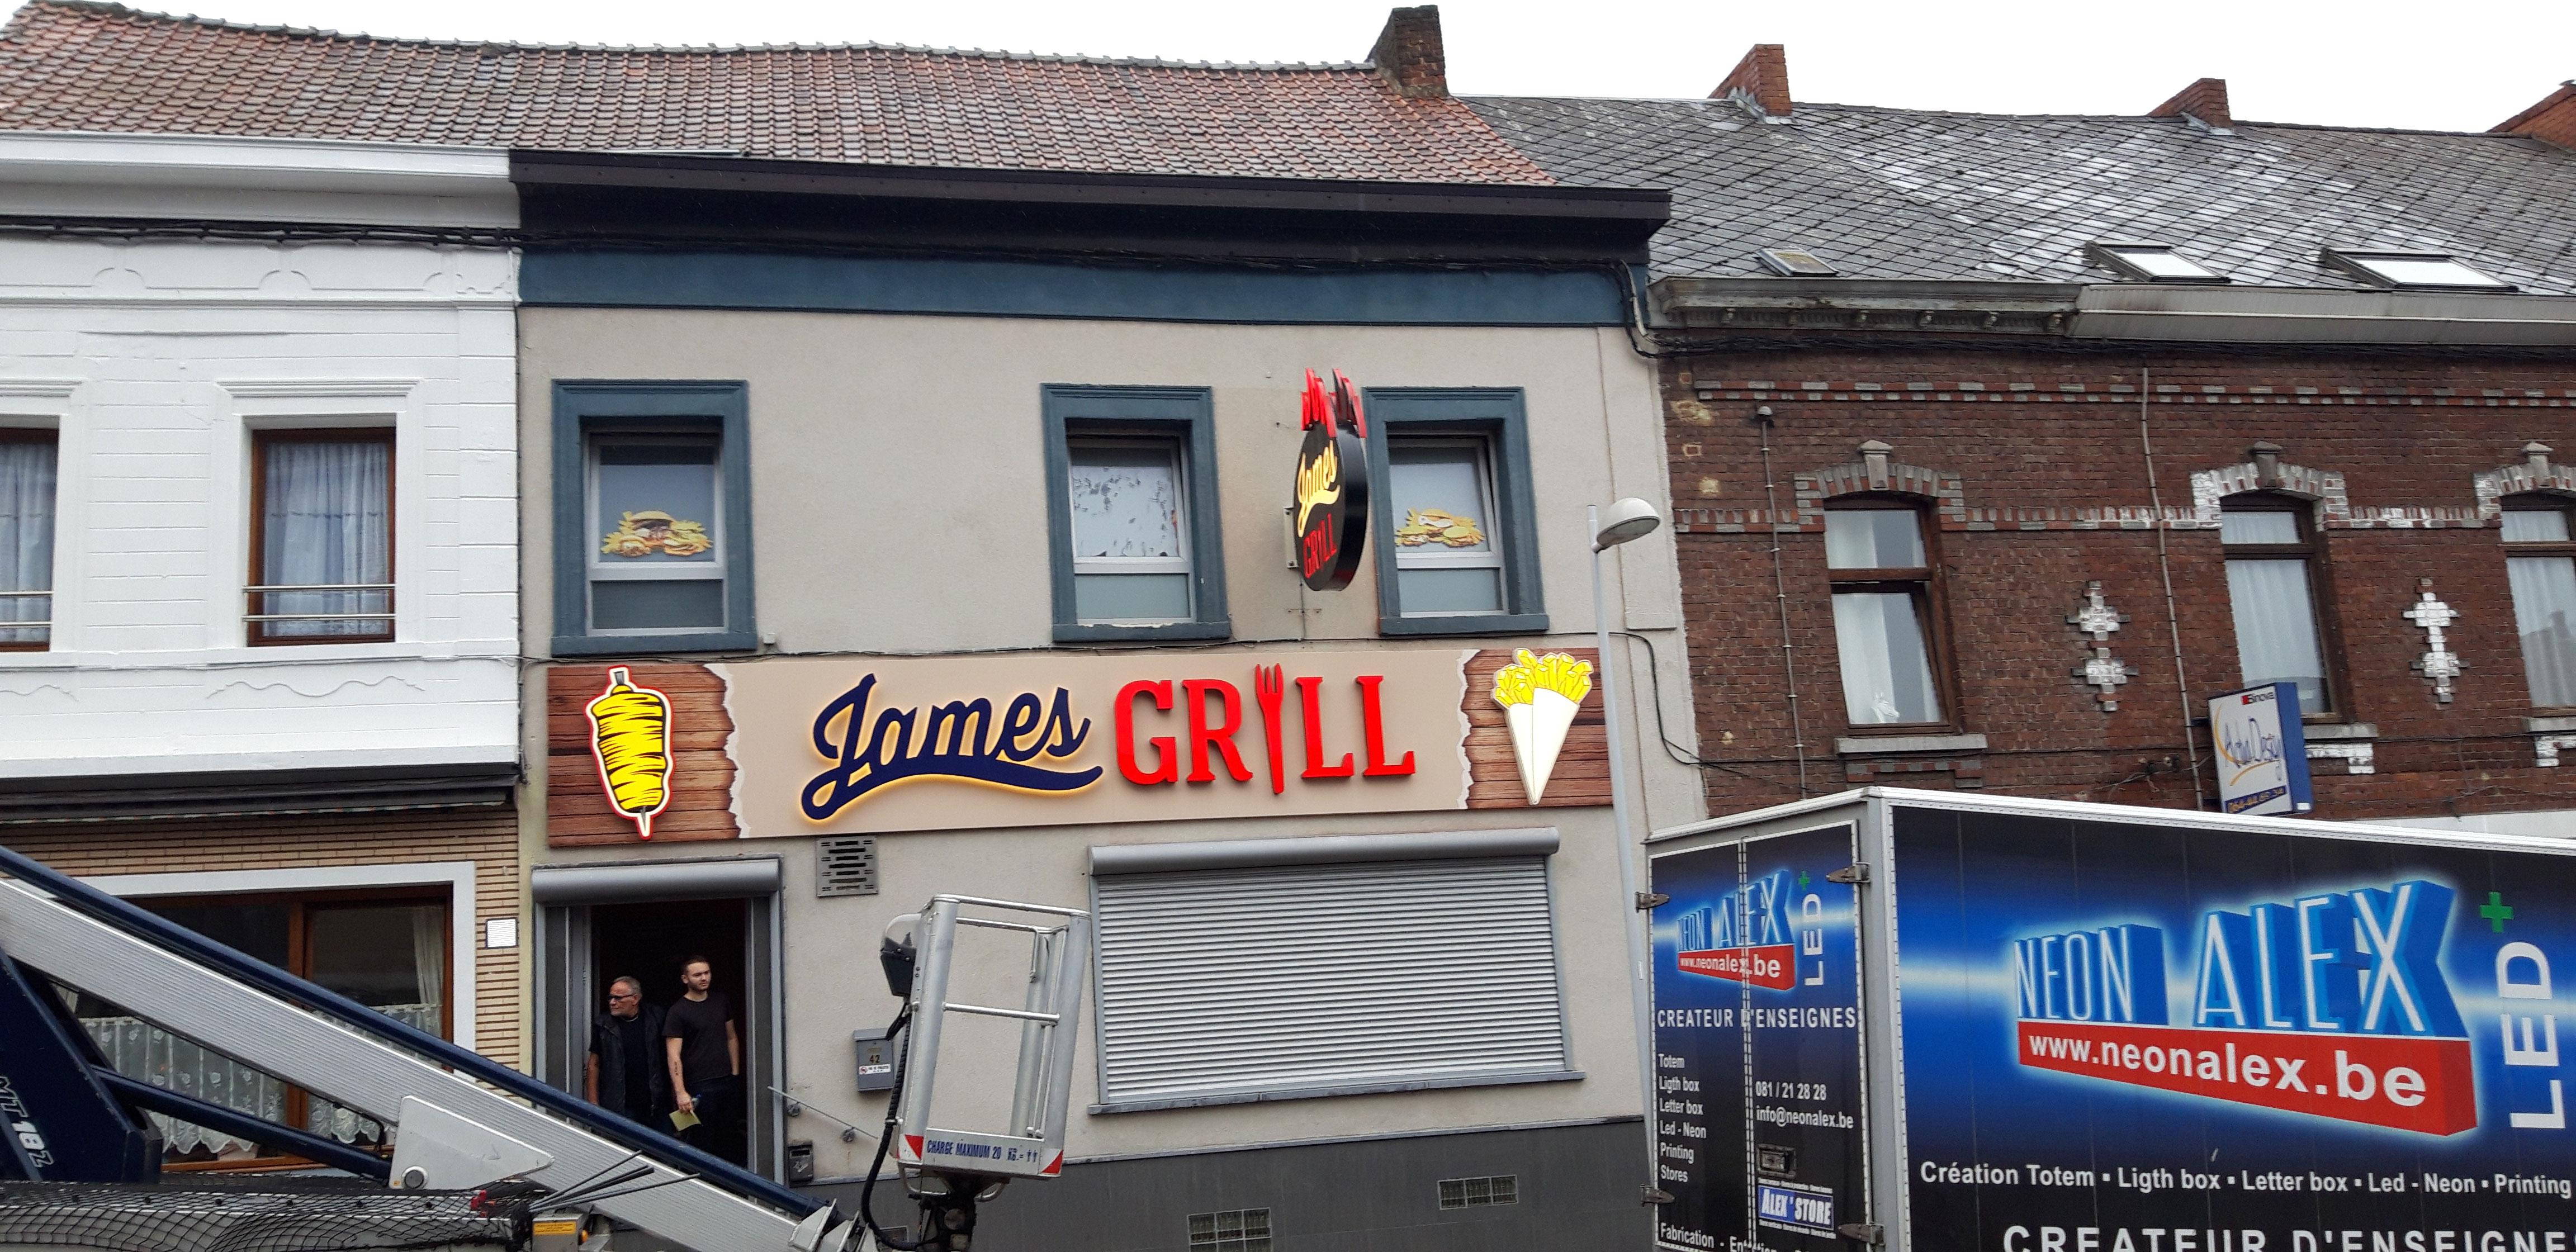 Lettres en relief - James Grill